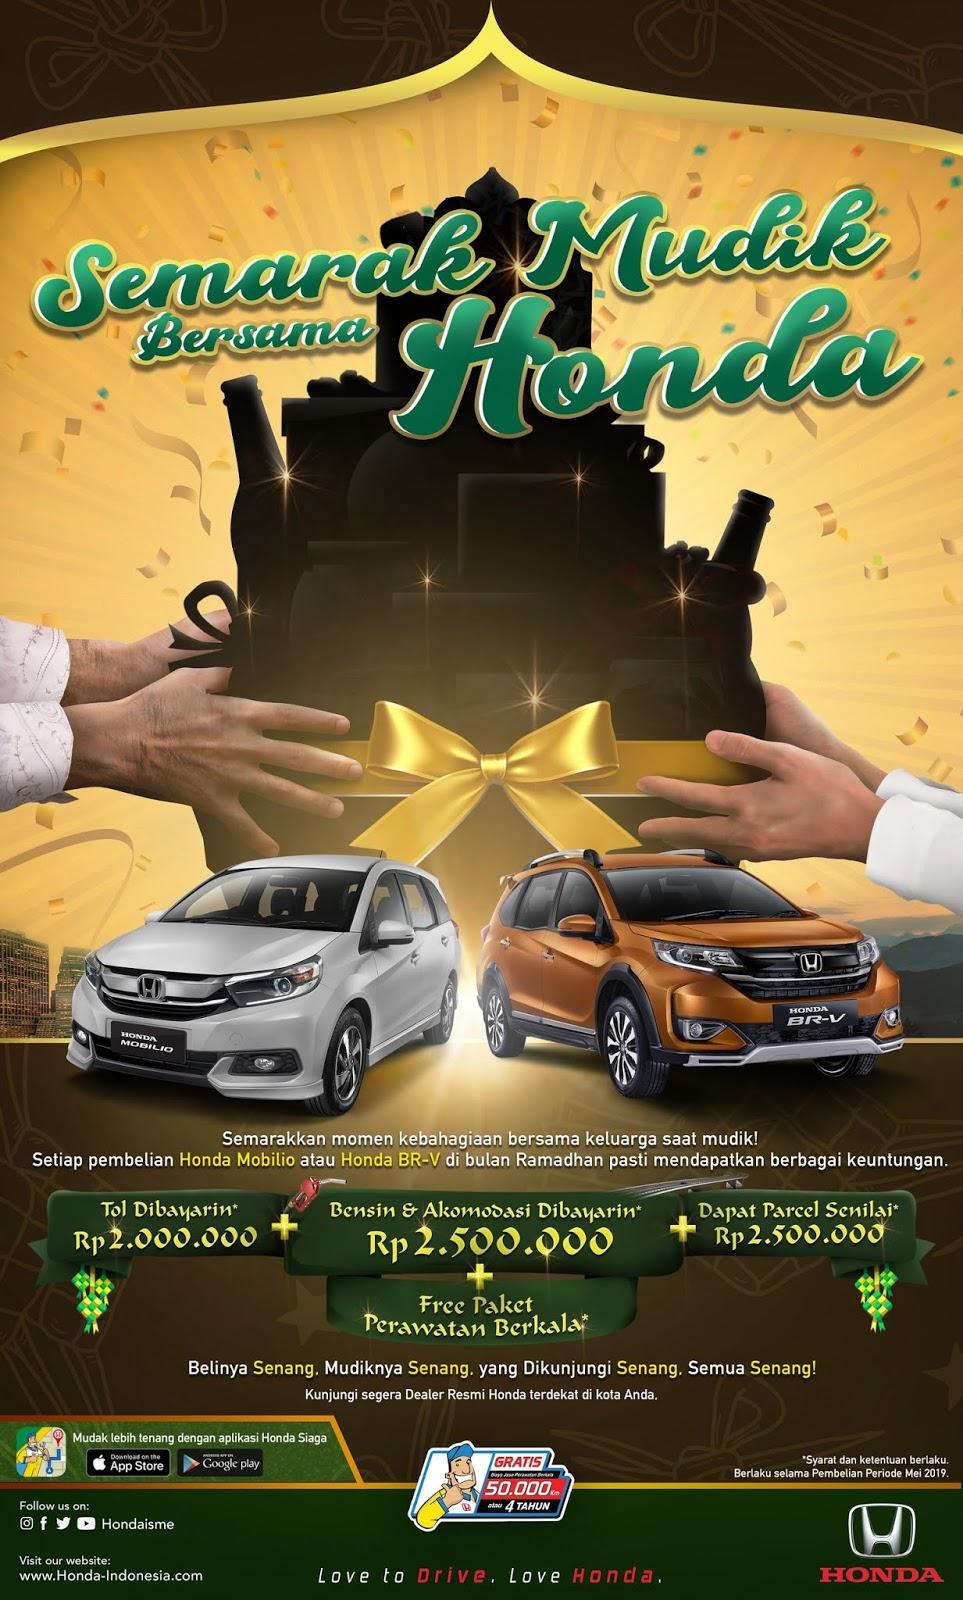 Honda Tawarkan Program Spesial unhtuk Mudik Tahun ini